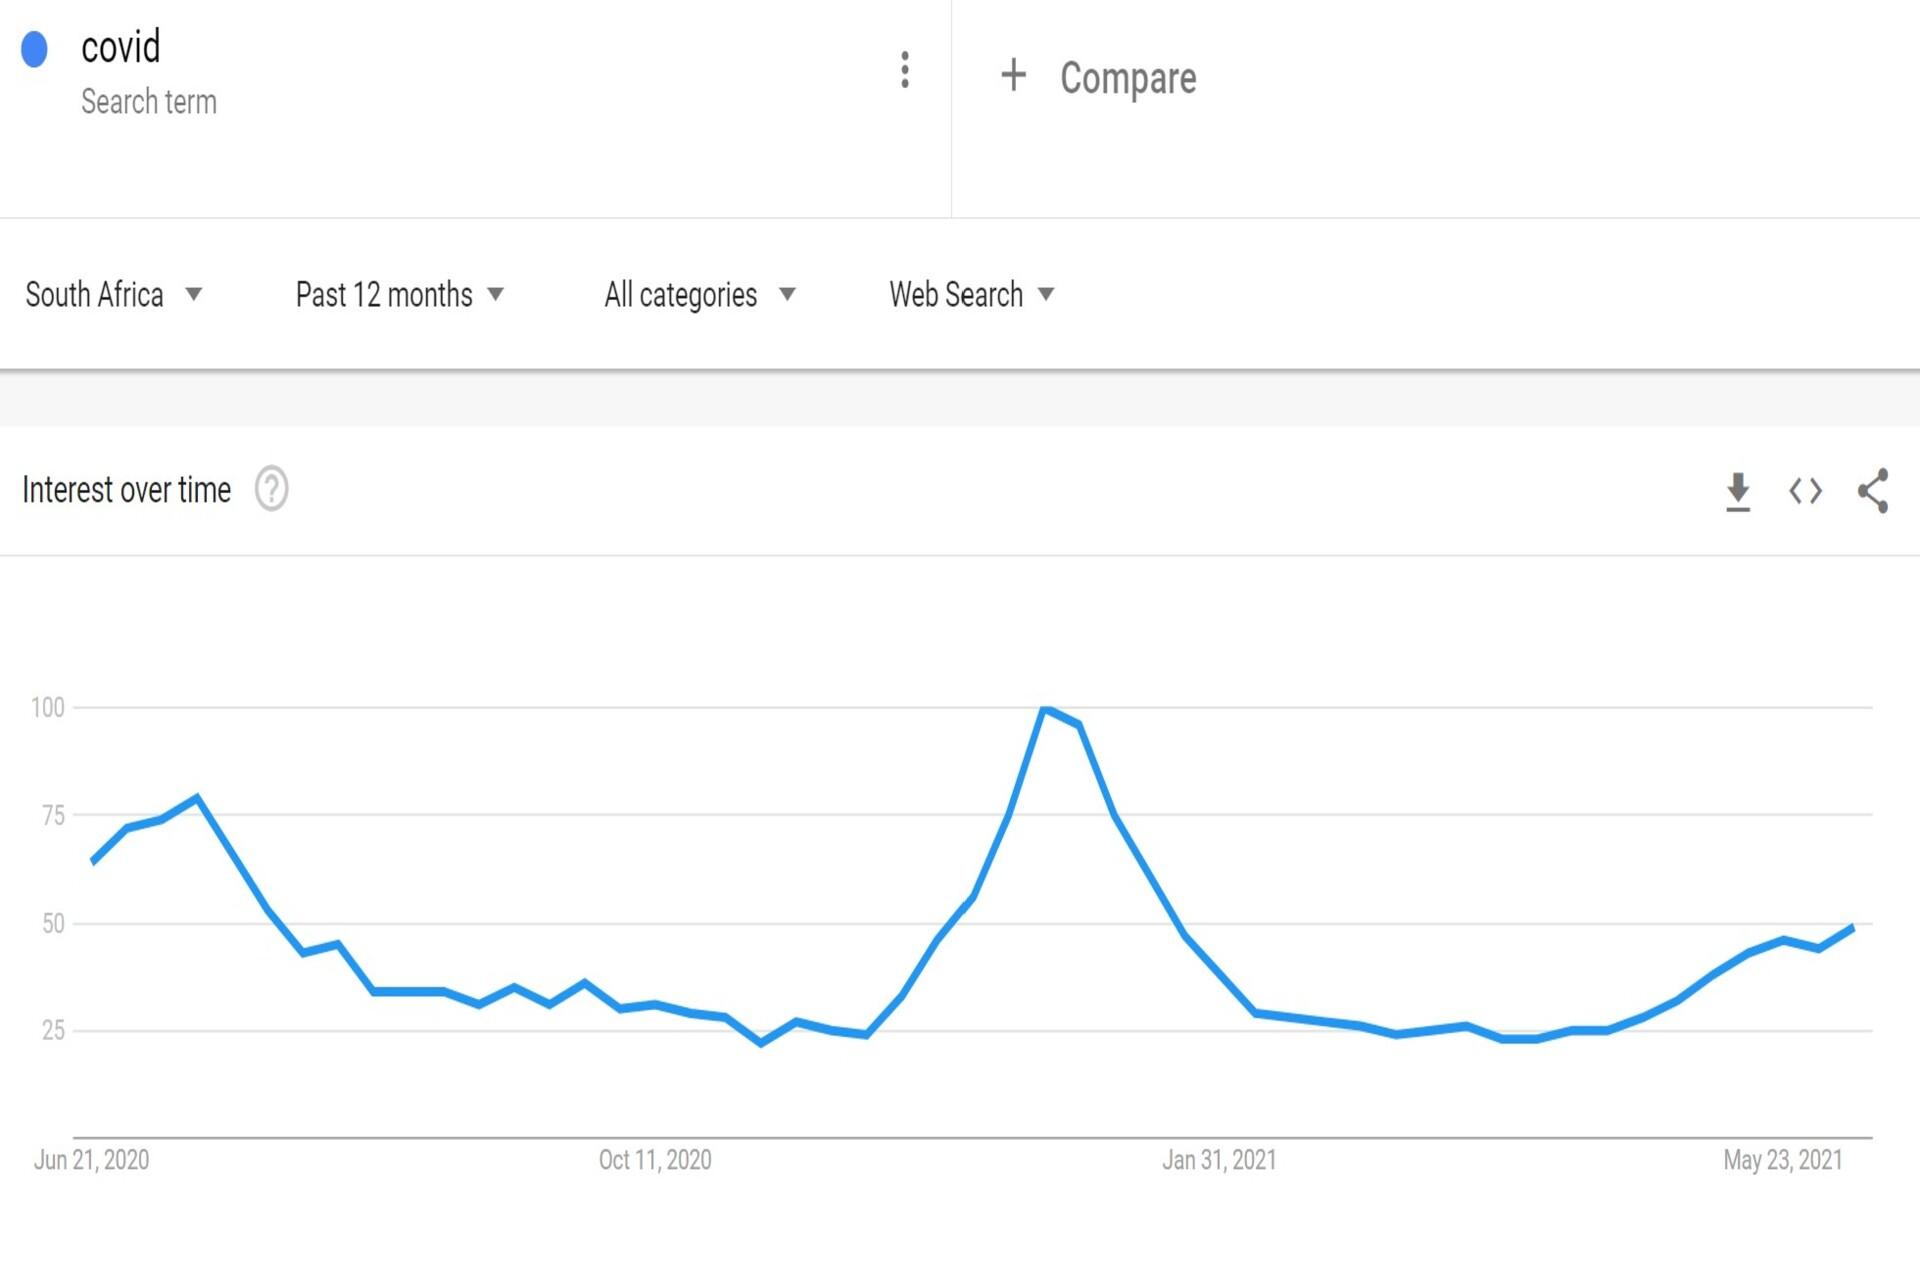 Google trends COVID graph